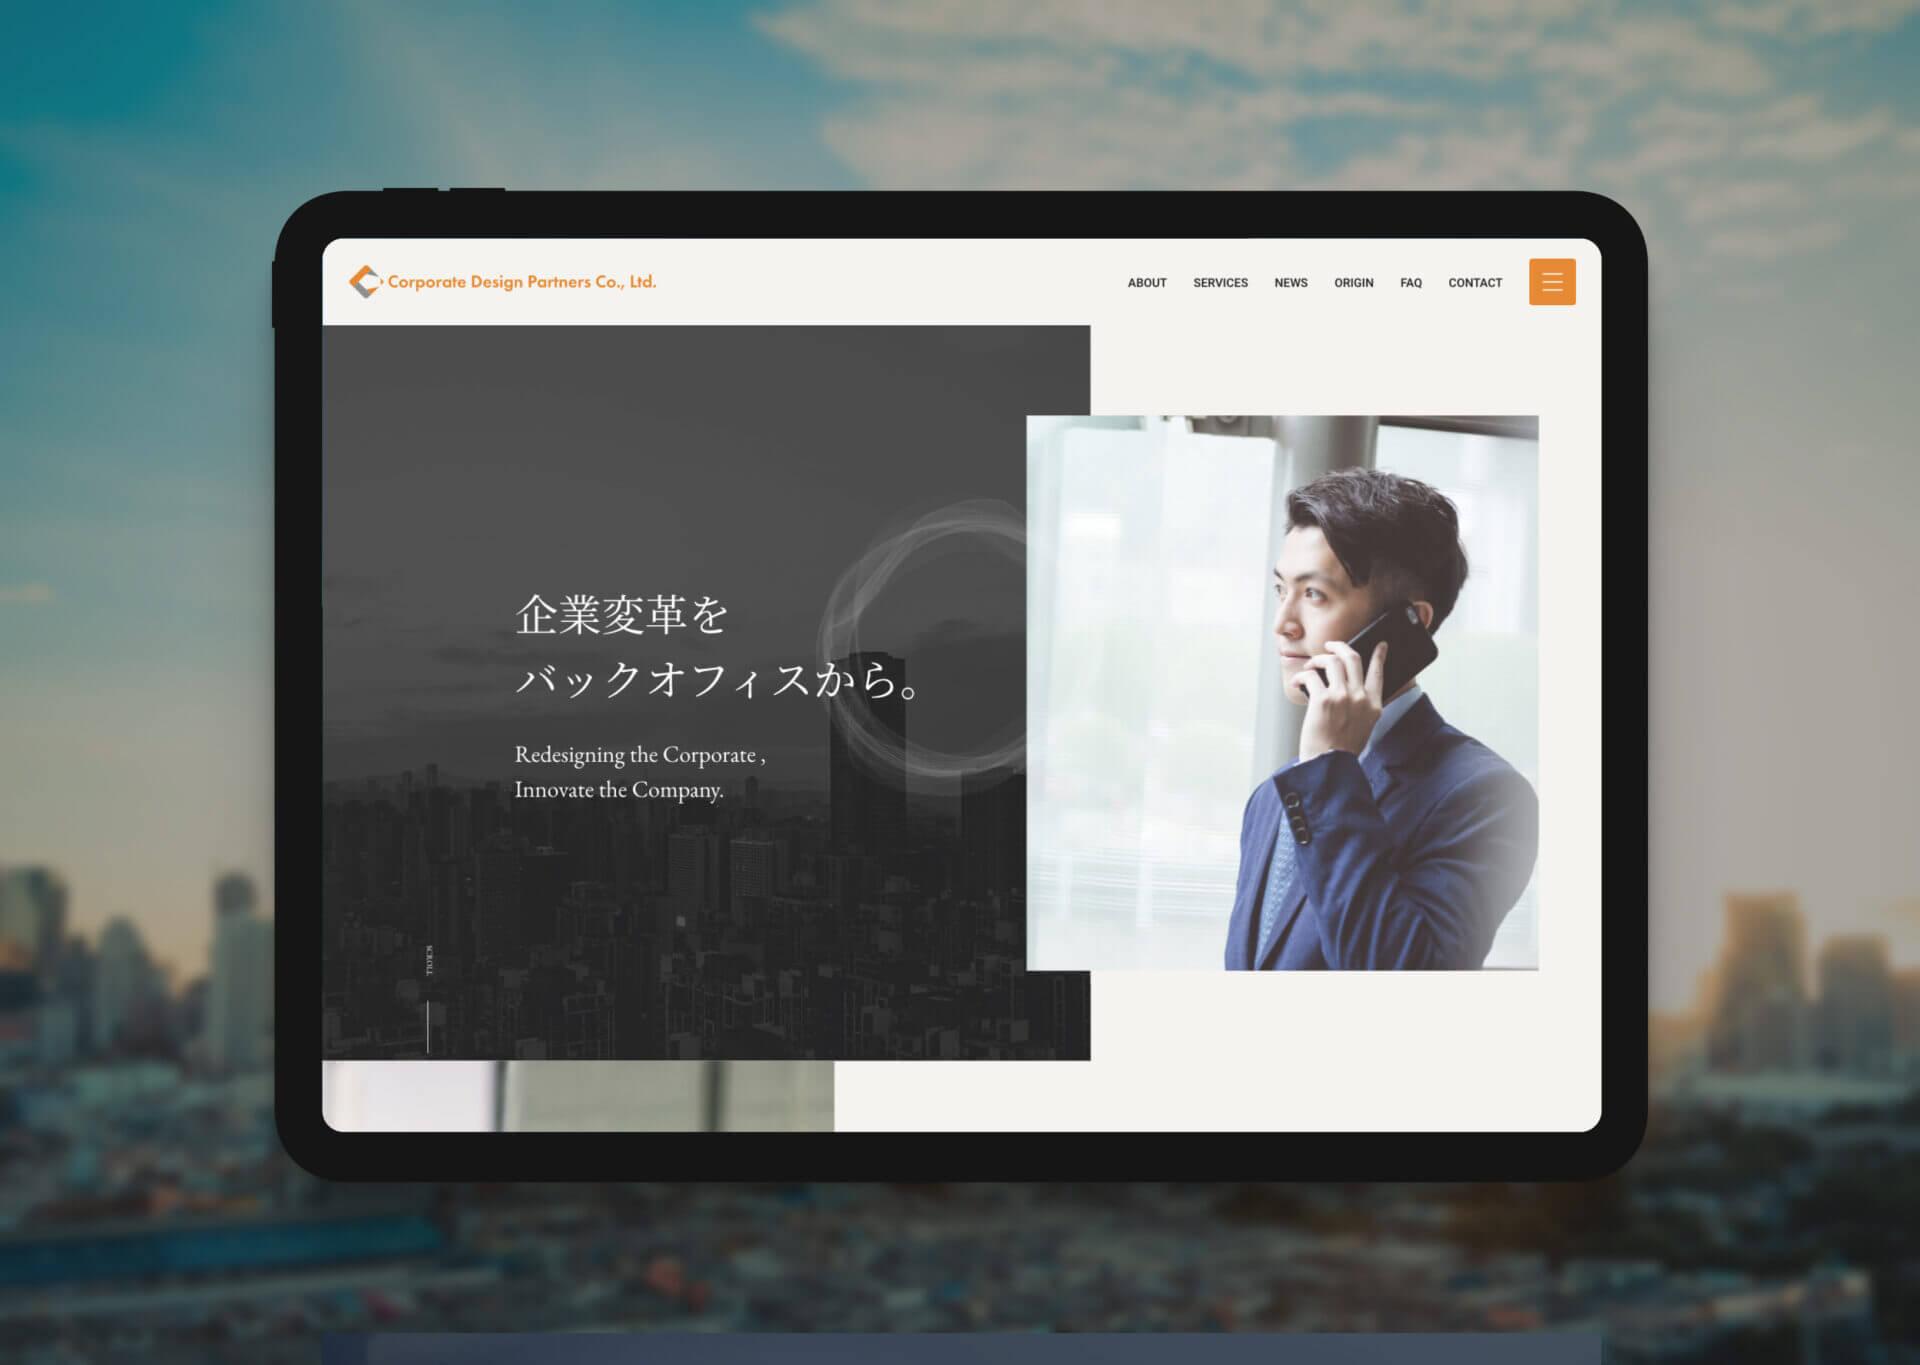 株式会社コーポレート・デザイン・パートナーズ|コーポレートサイト新規制作